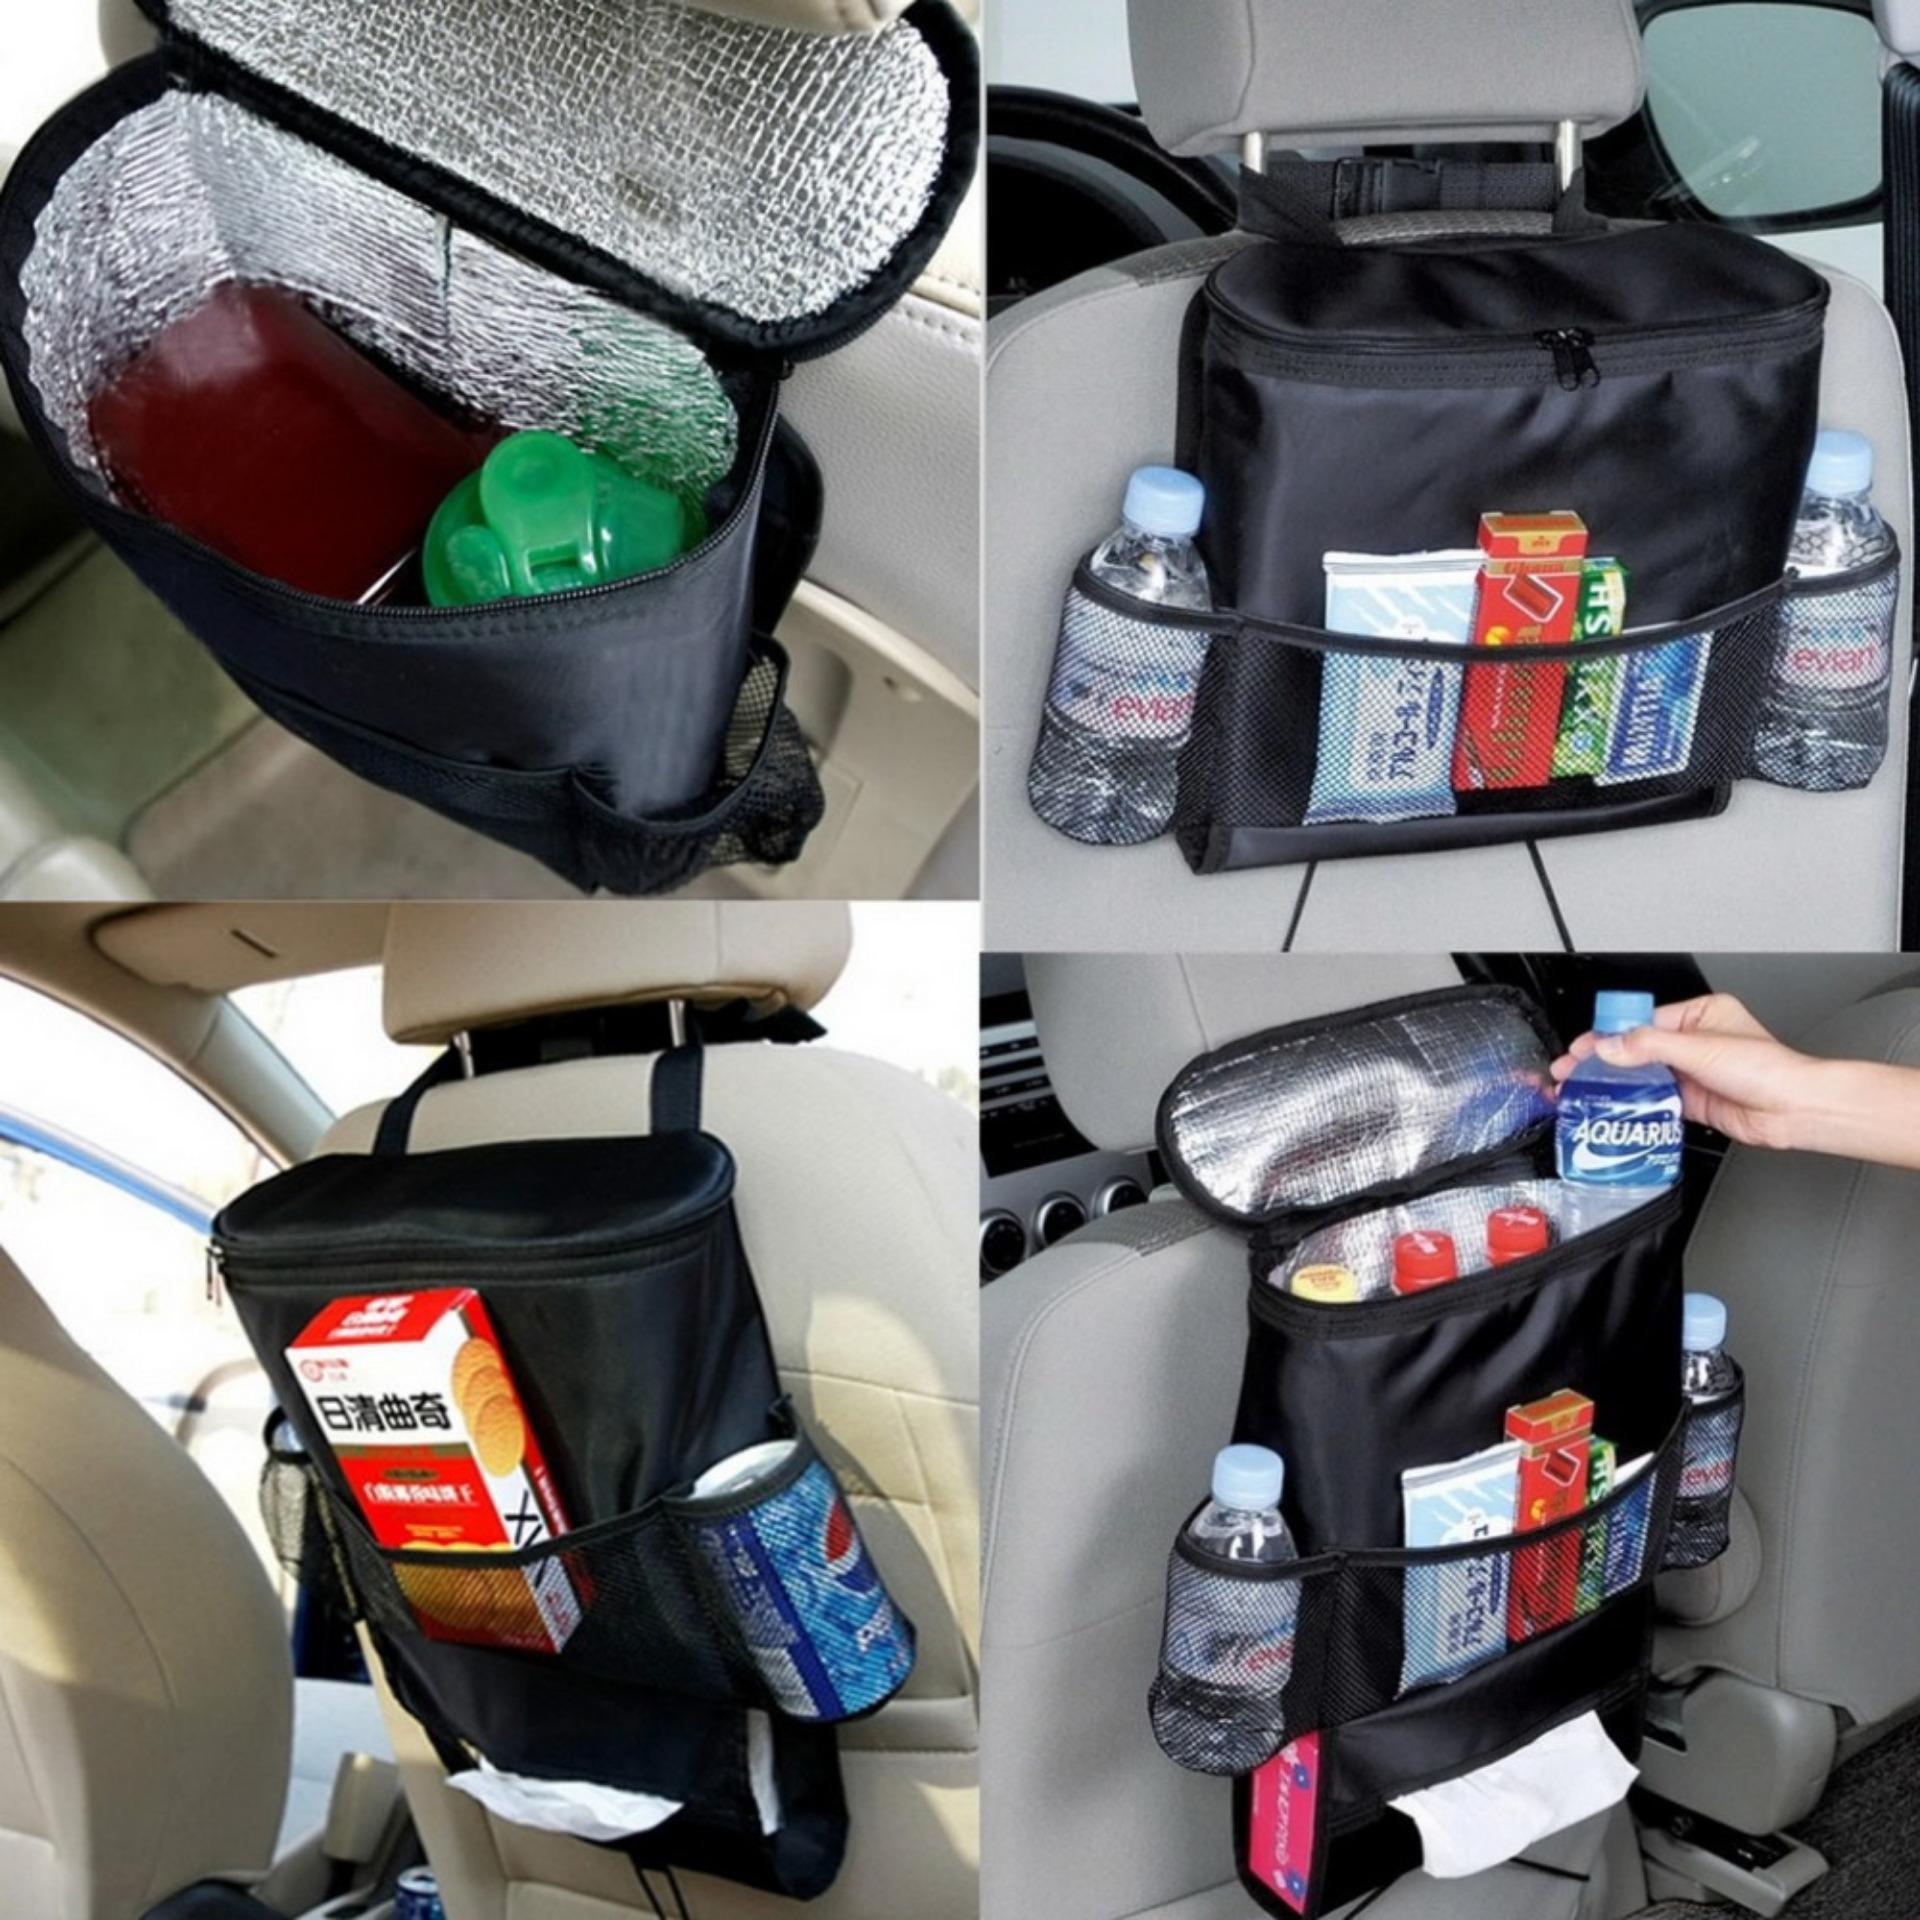 ... Rak Gantungan di mobil / Car Seat Organizer Bag / Tas Jok Mobil ...